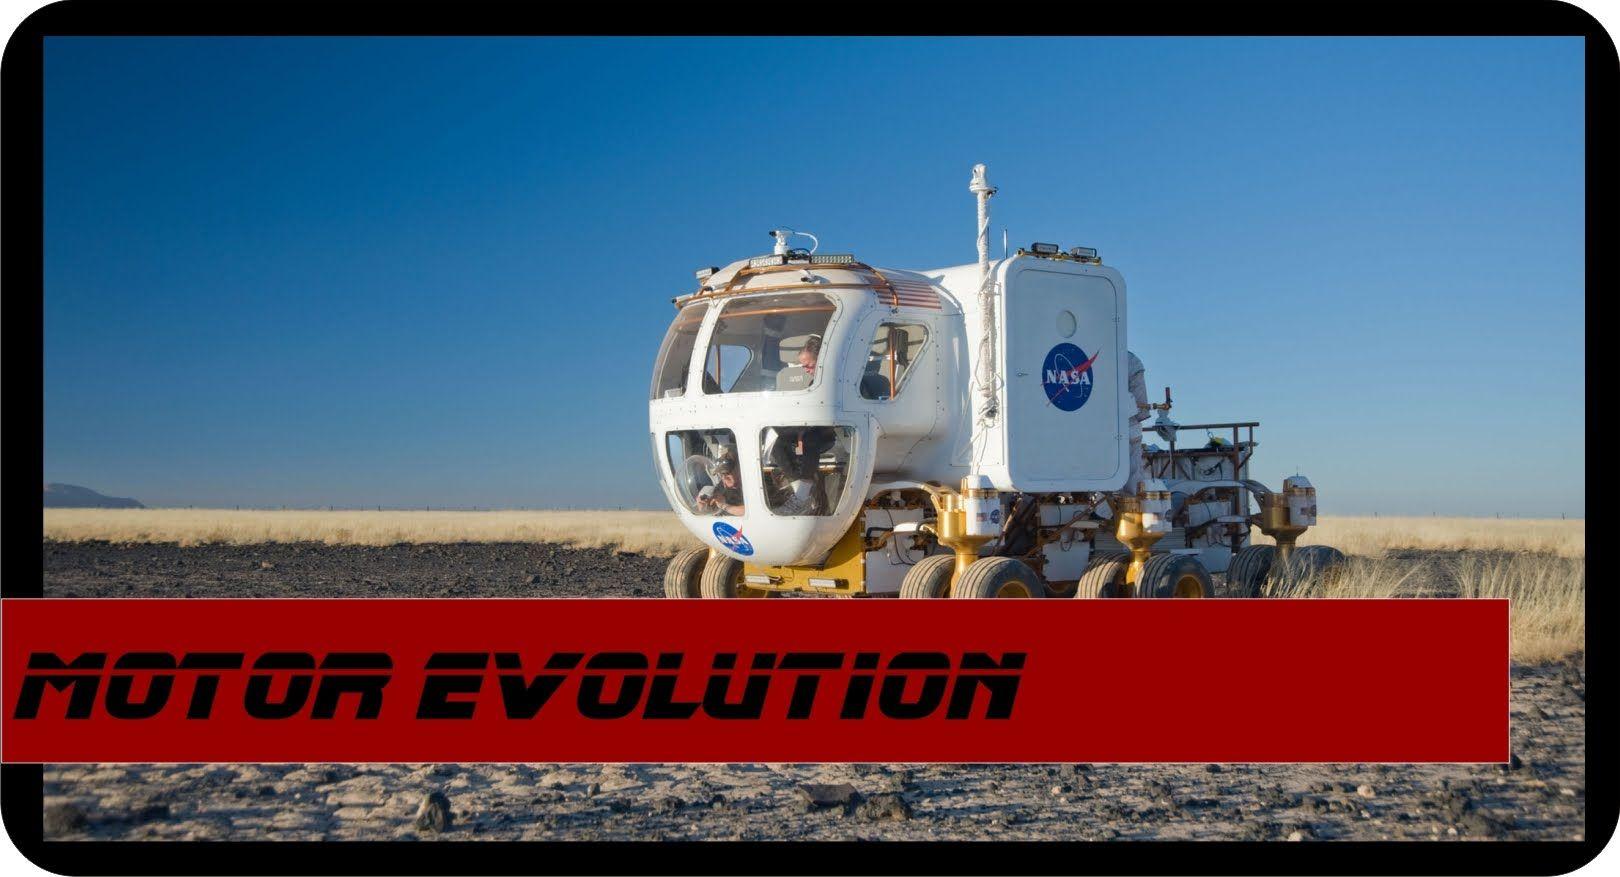 La NASA prepara el primer vehículo tripulado que pisará Marte | Motor Ev...